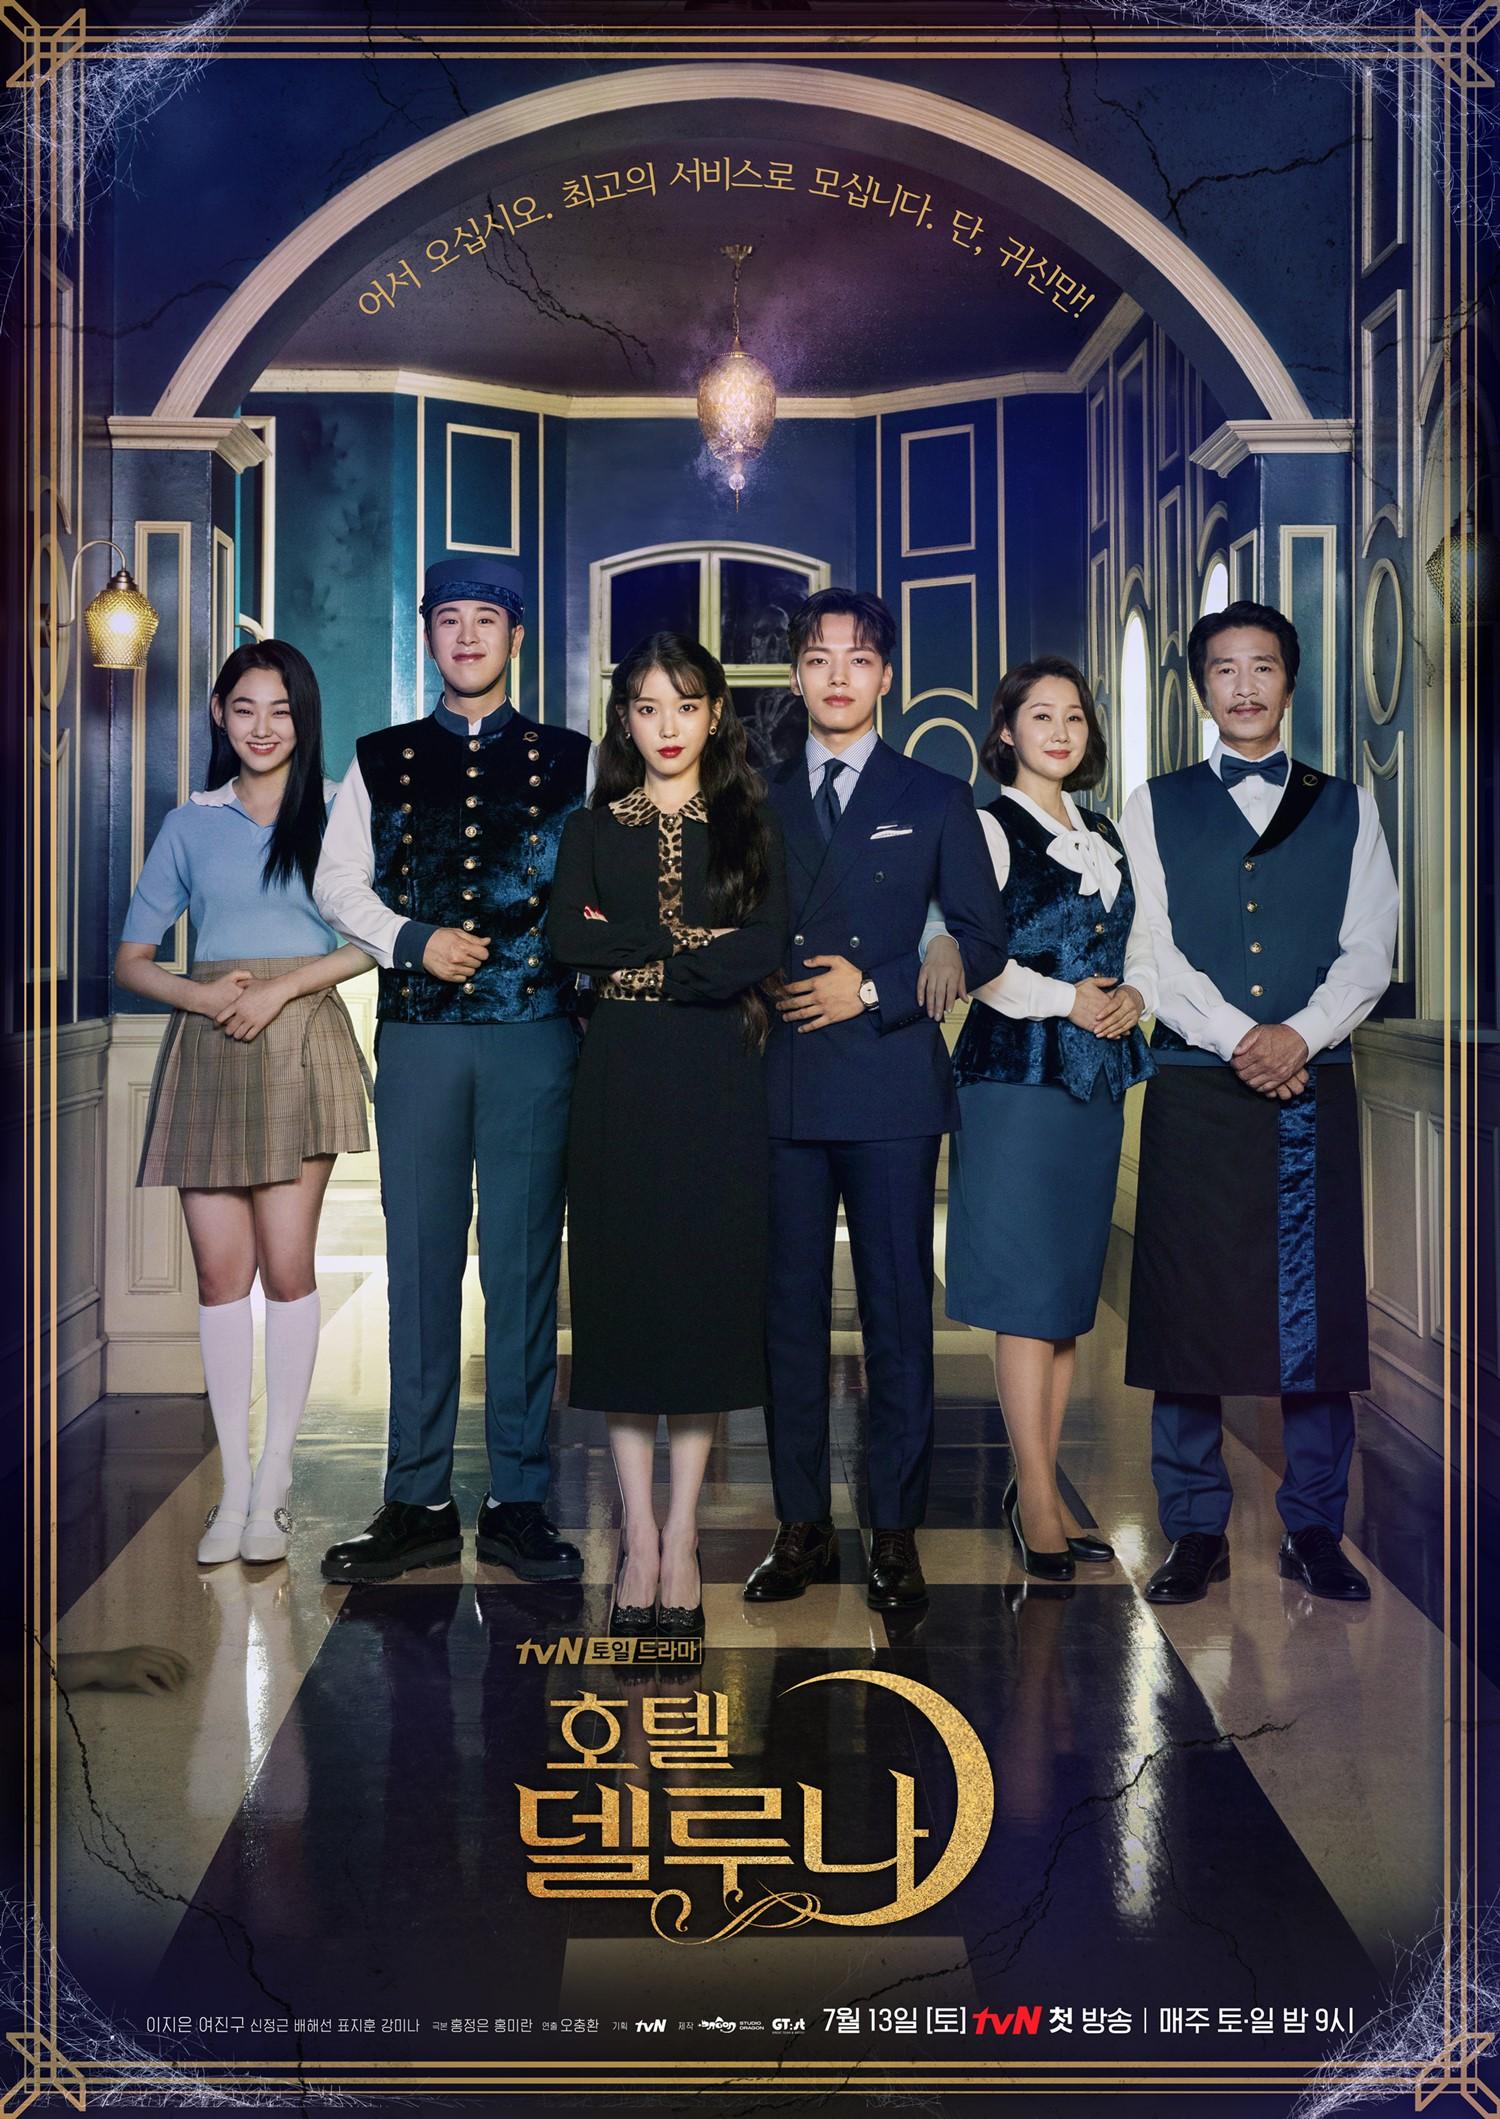 IU dan Drama Hotel Del Luna Menduduki Peringkat Pertama Sebagai Drama Terfavorit 3